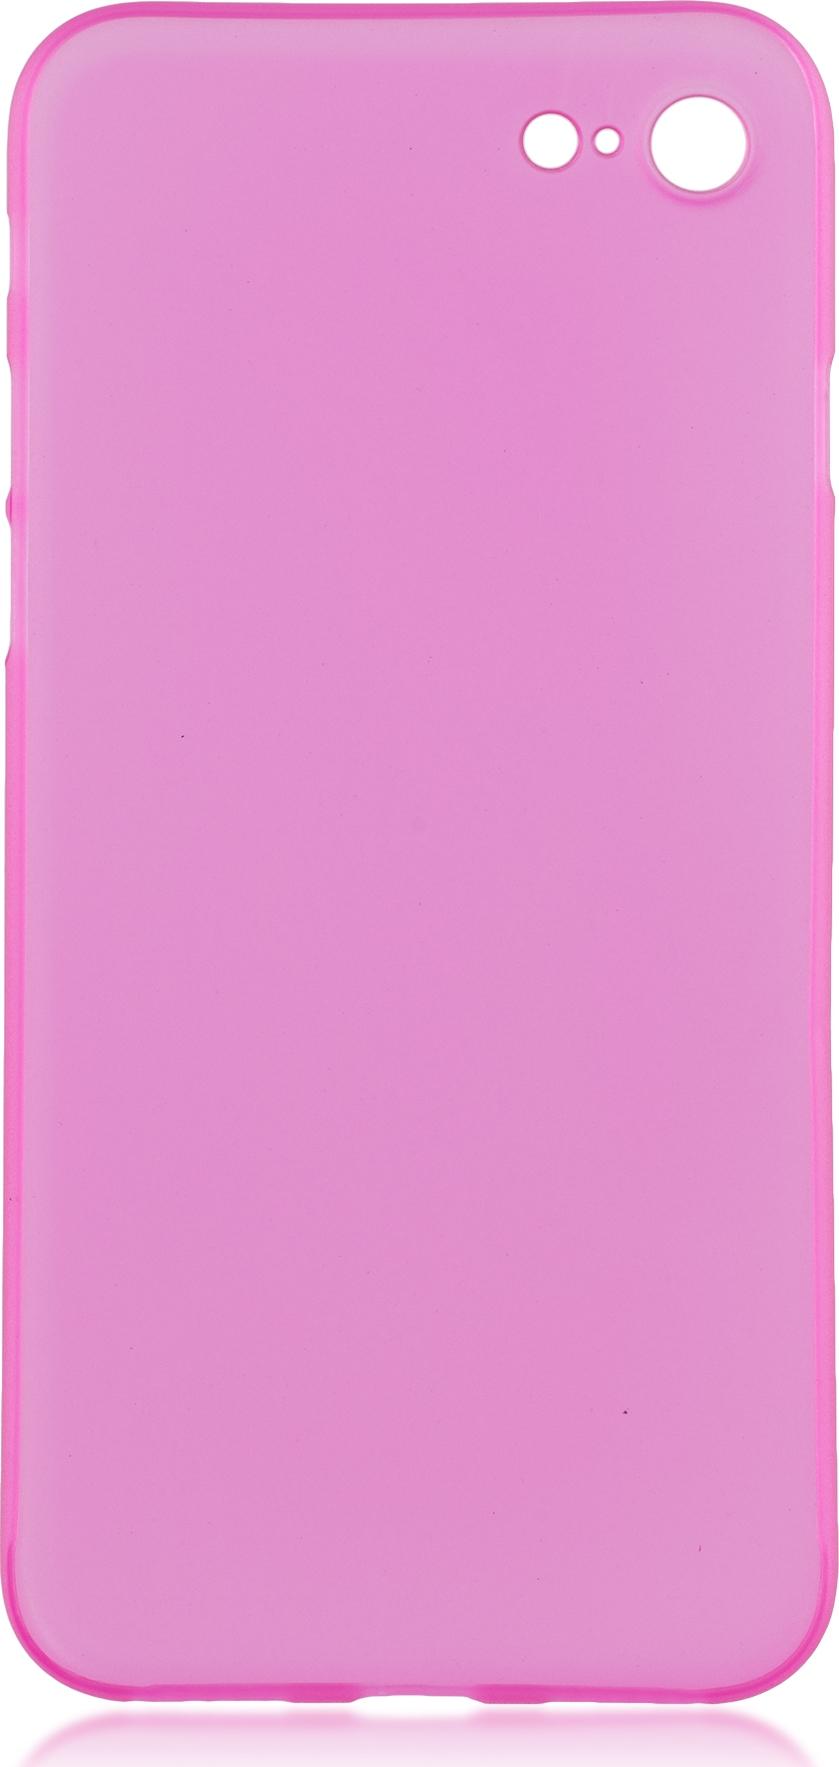 Чехол Brosco SuperSlim для Apple iPhone 7, розовый набор кухонных принадлежностей 5 предметов kelli kl 2114